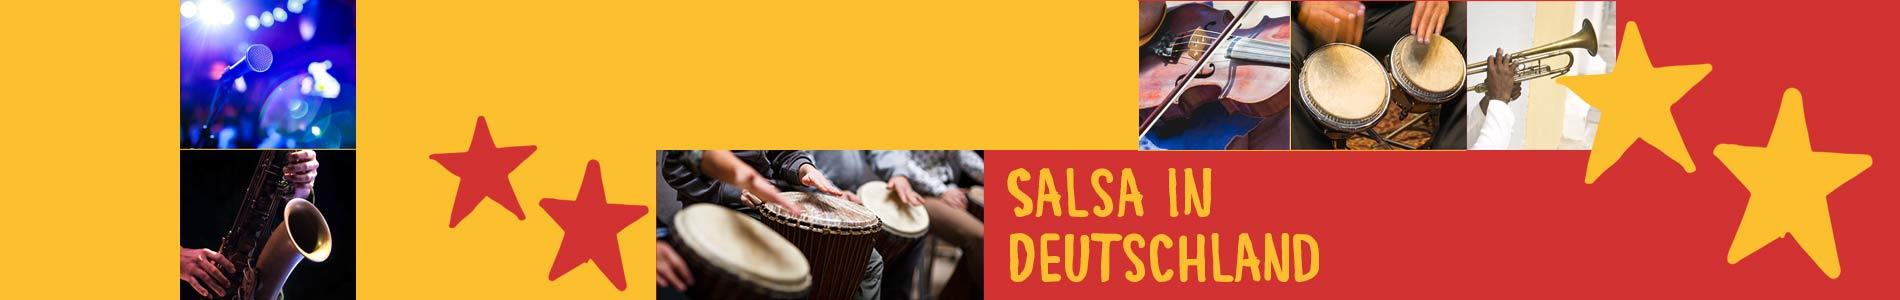 Salsa in Bruckberg – Salsa lernen und tanzen, Tanzkurse, Partys, Veranstaltungen